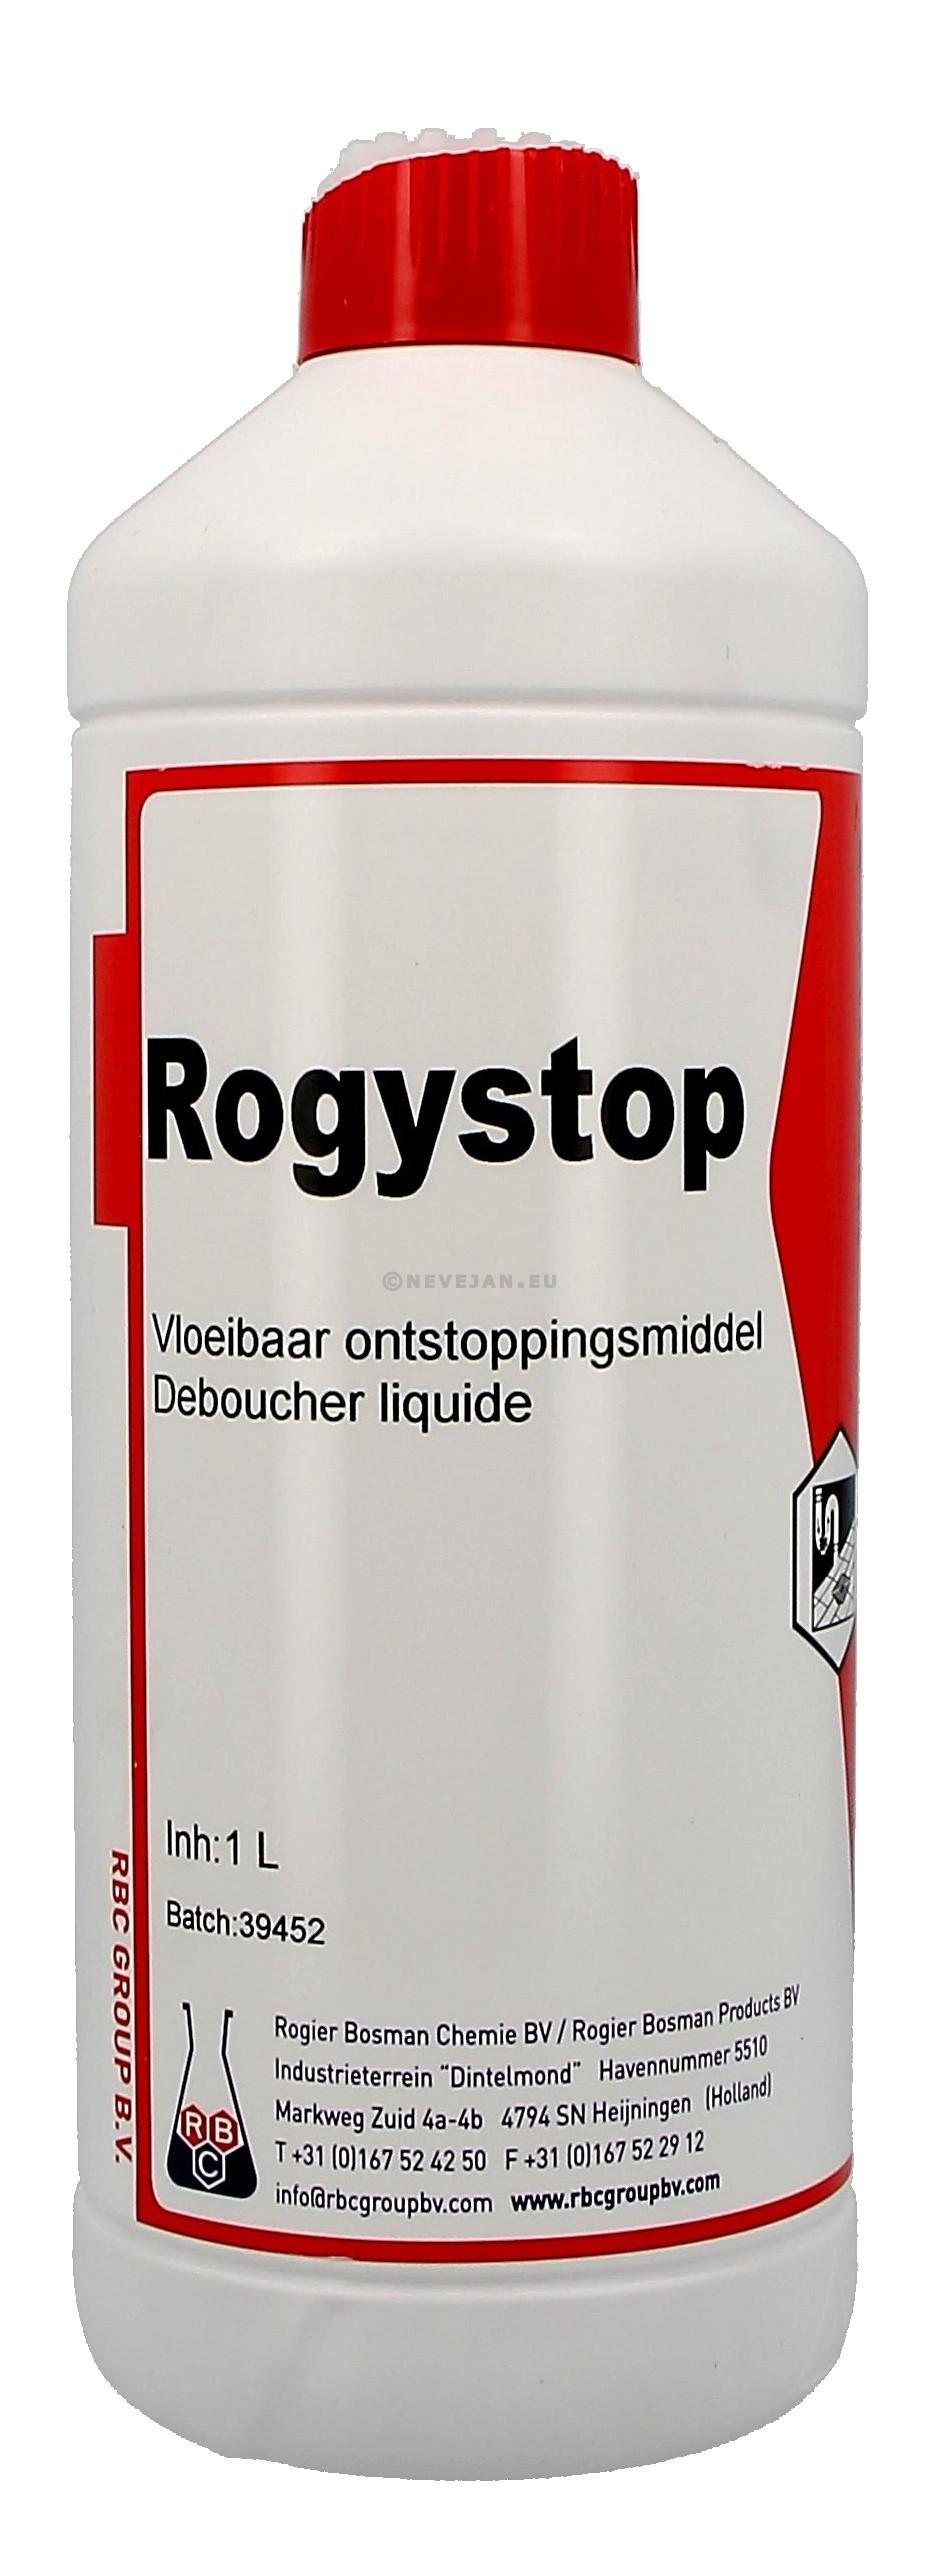 Rogystop Super 1L déboucheur liquide industrielle (Reinigings-&kuisproducten)